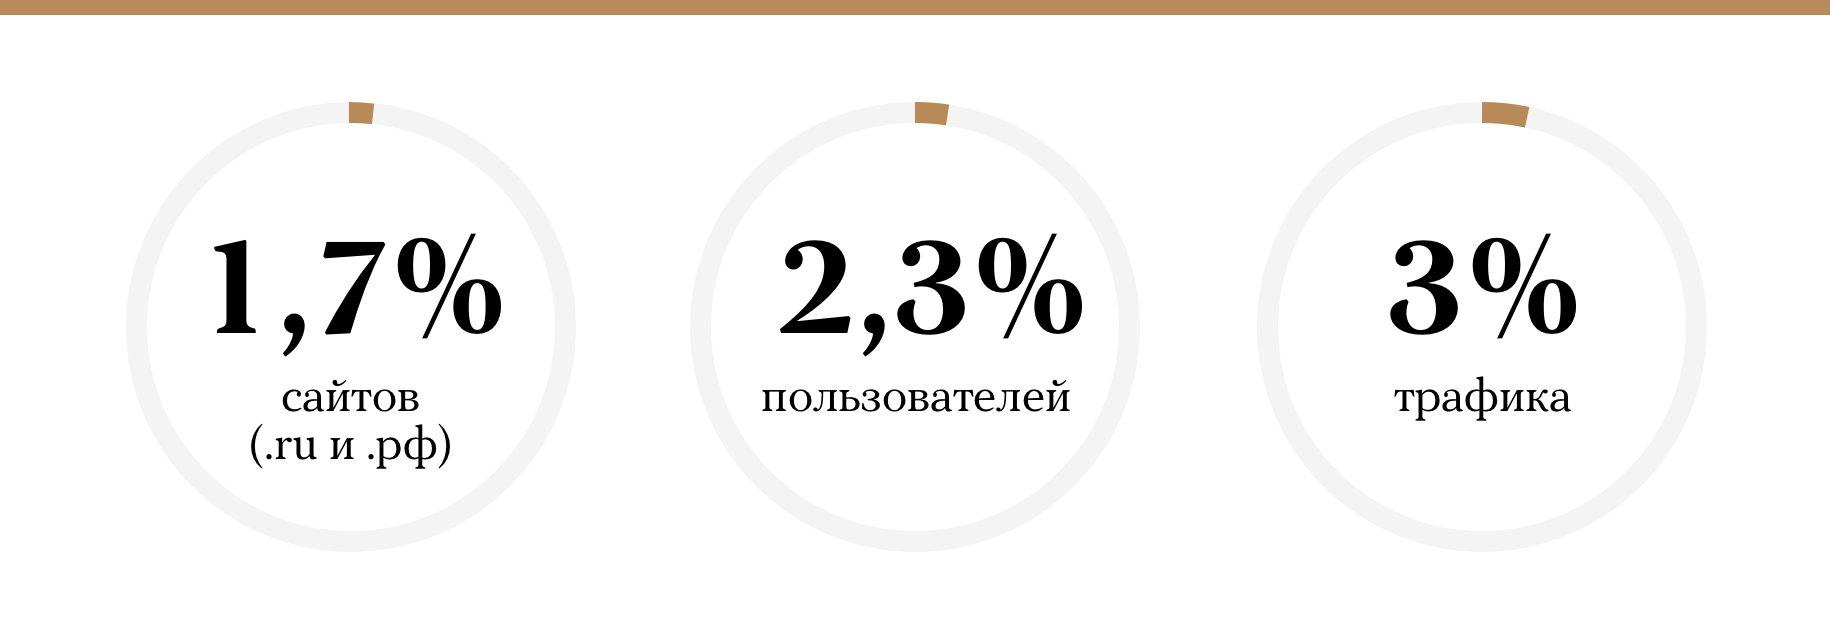 ЭТО ОЧЕНЬ ВАЖНО! Как скачать интернет: инструкция по выживанию в автономном Рунете BAUWjZtPxTWeTqcrIHb61w